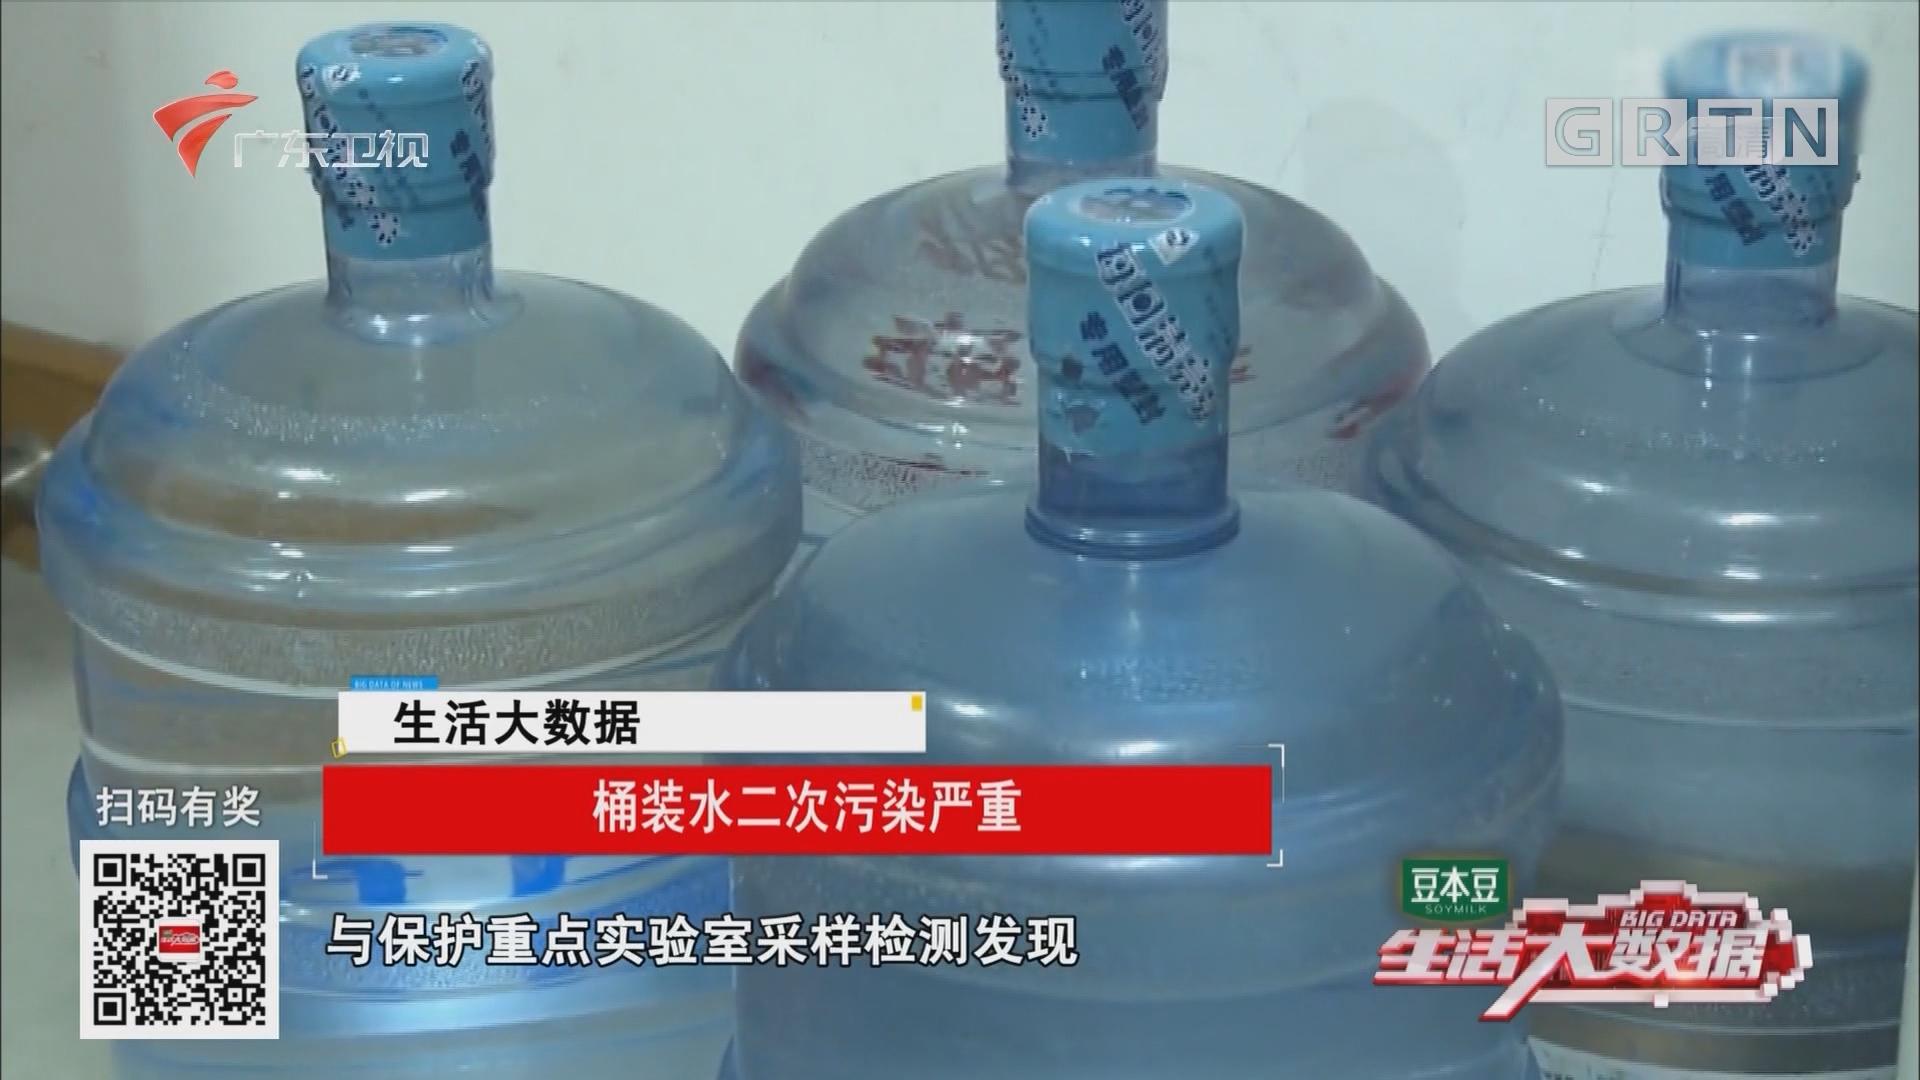 桶装水二次污染严重